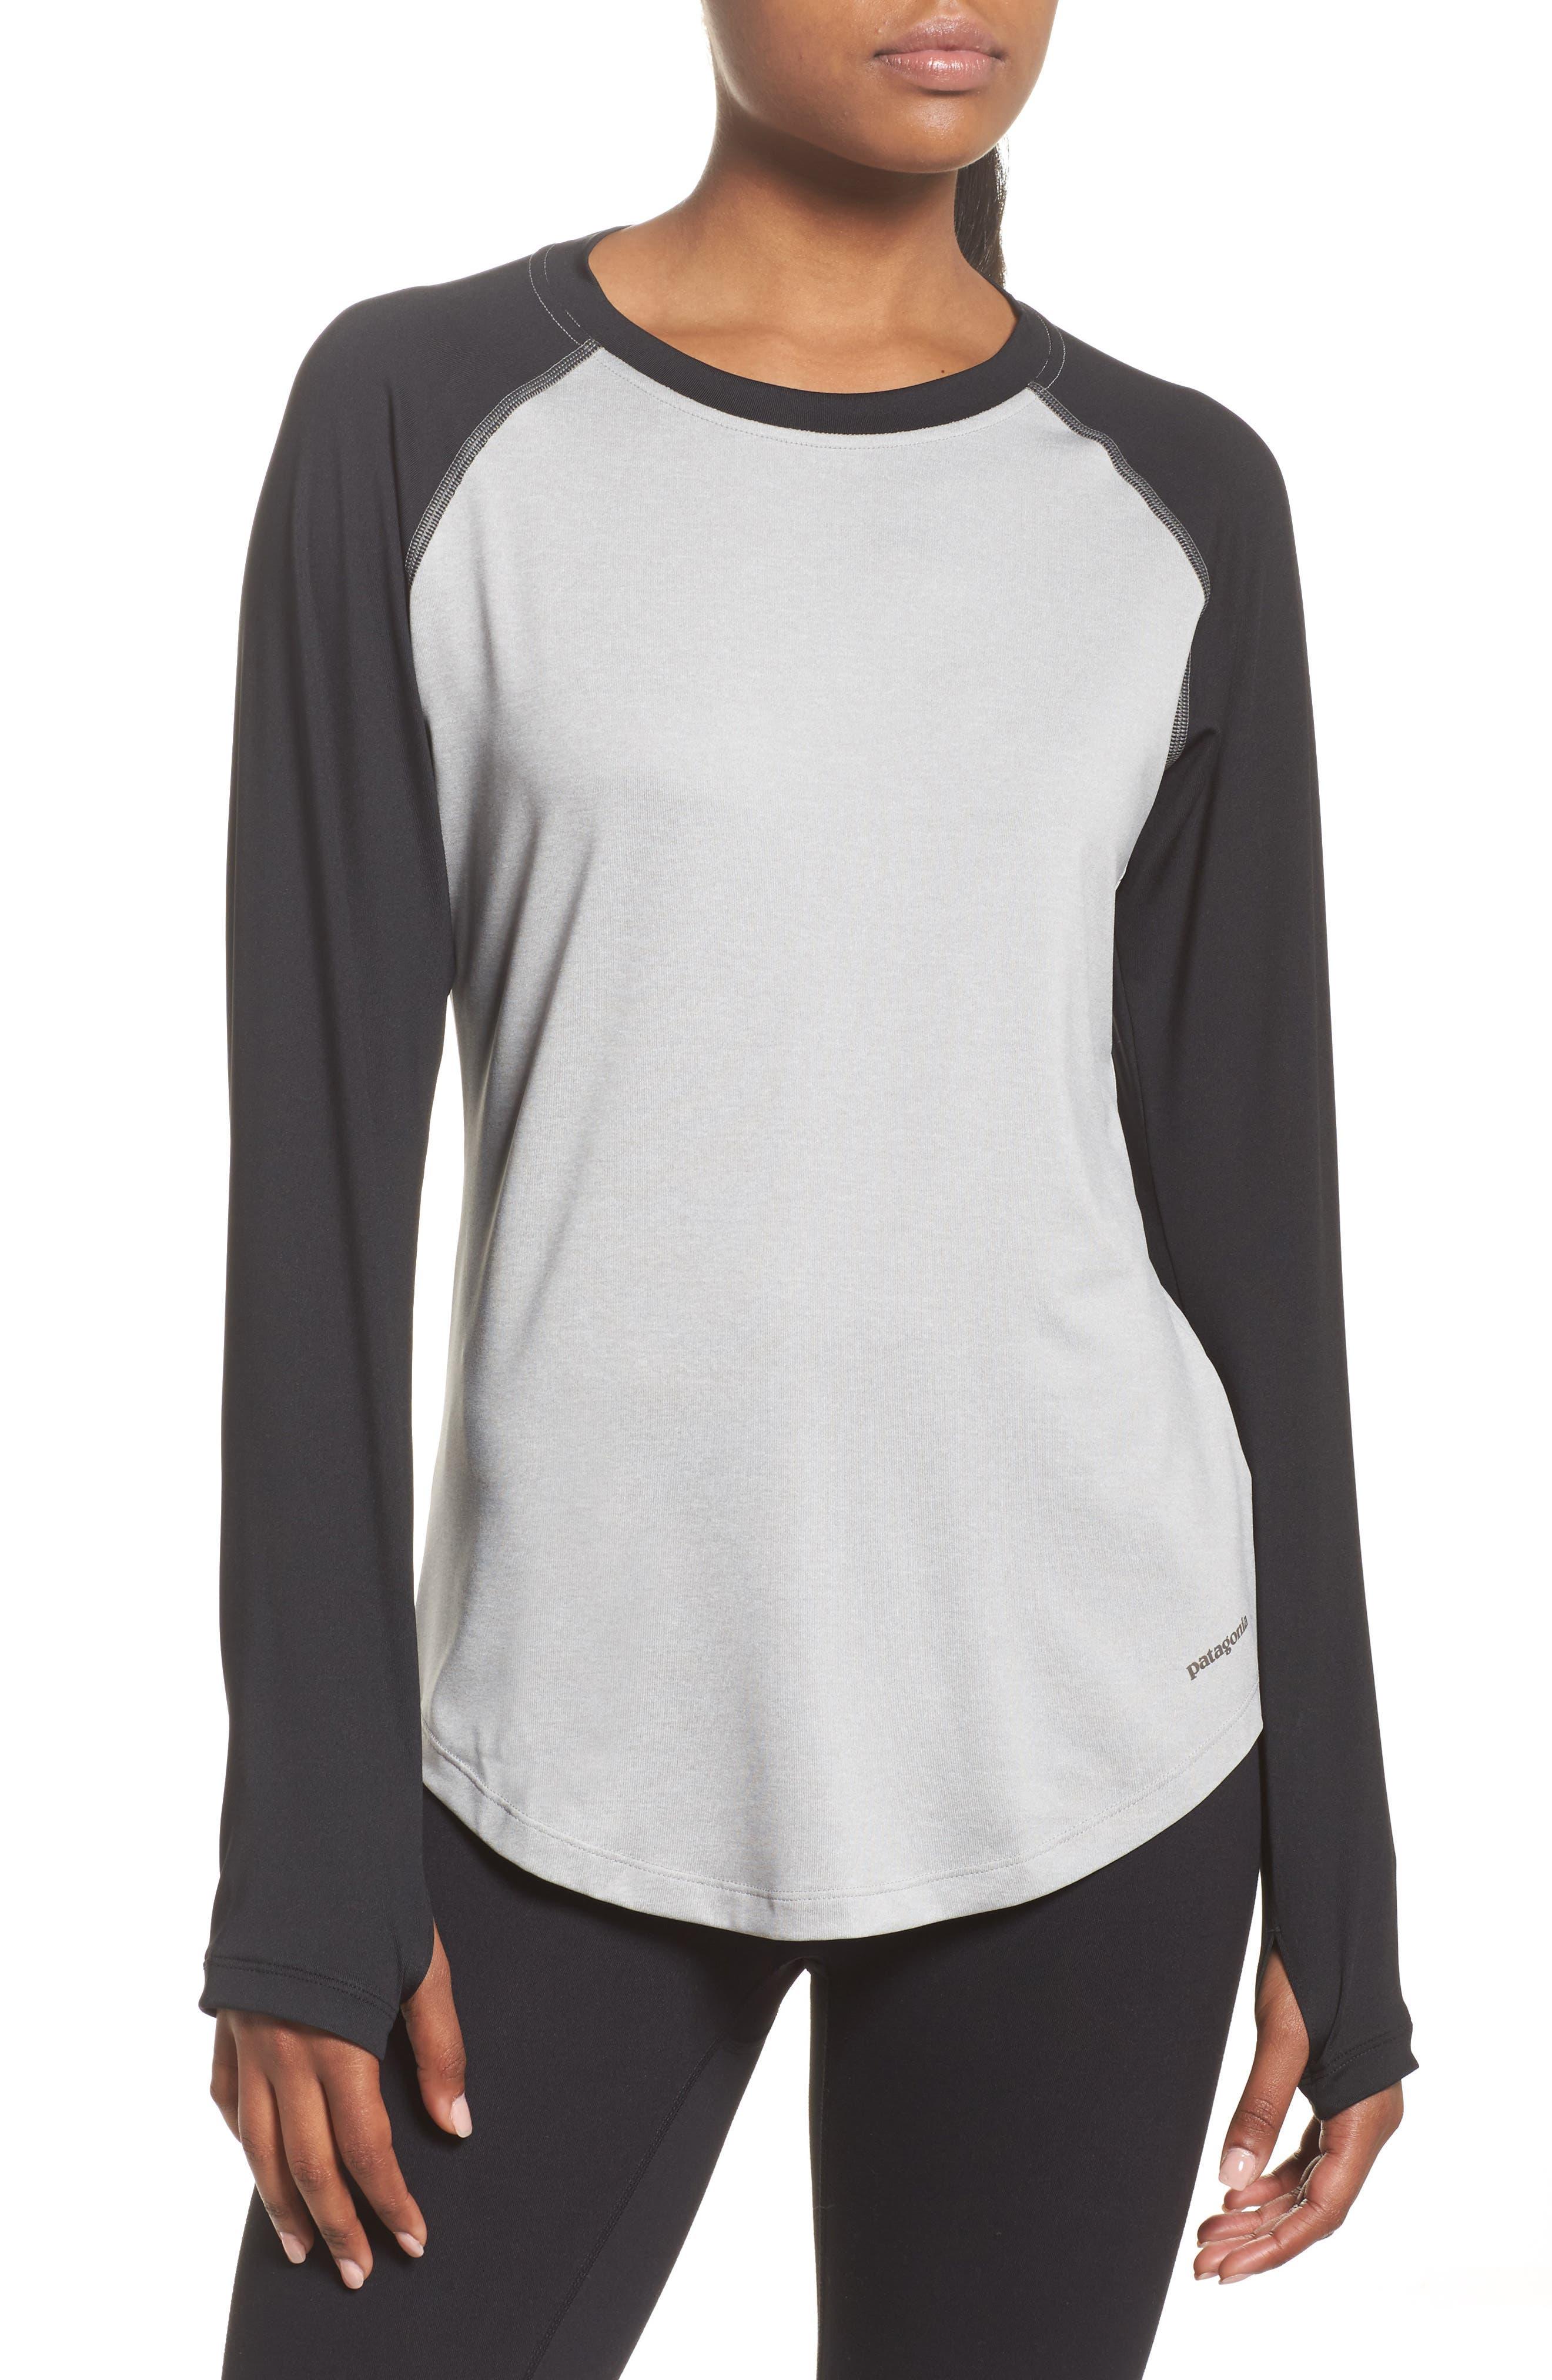 Patagonia Tropic Comfort Shirt